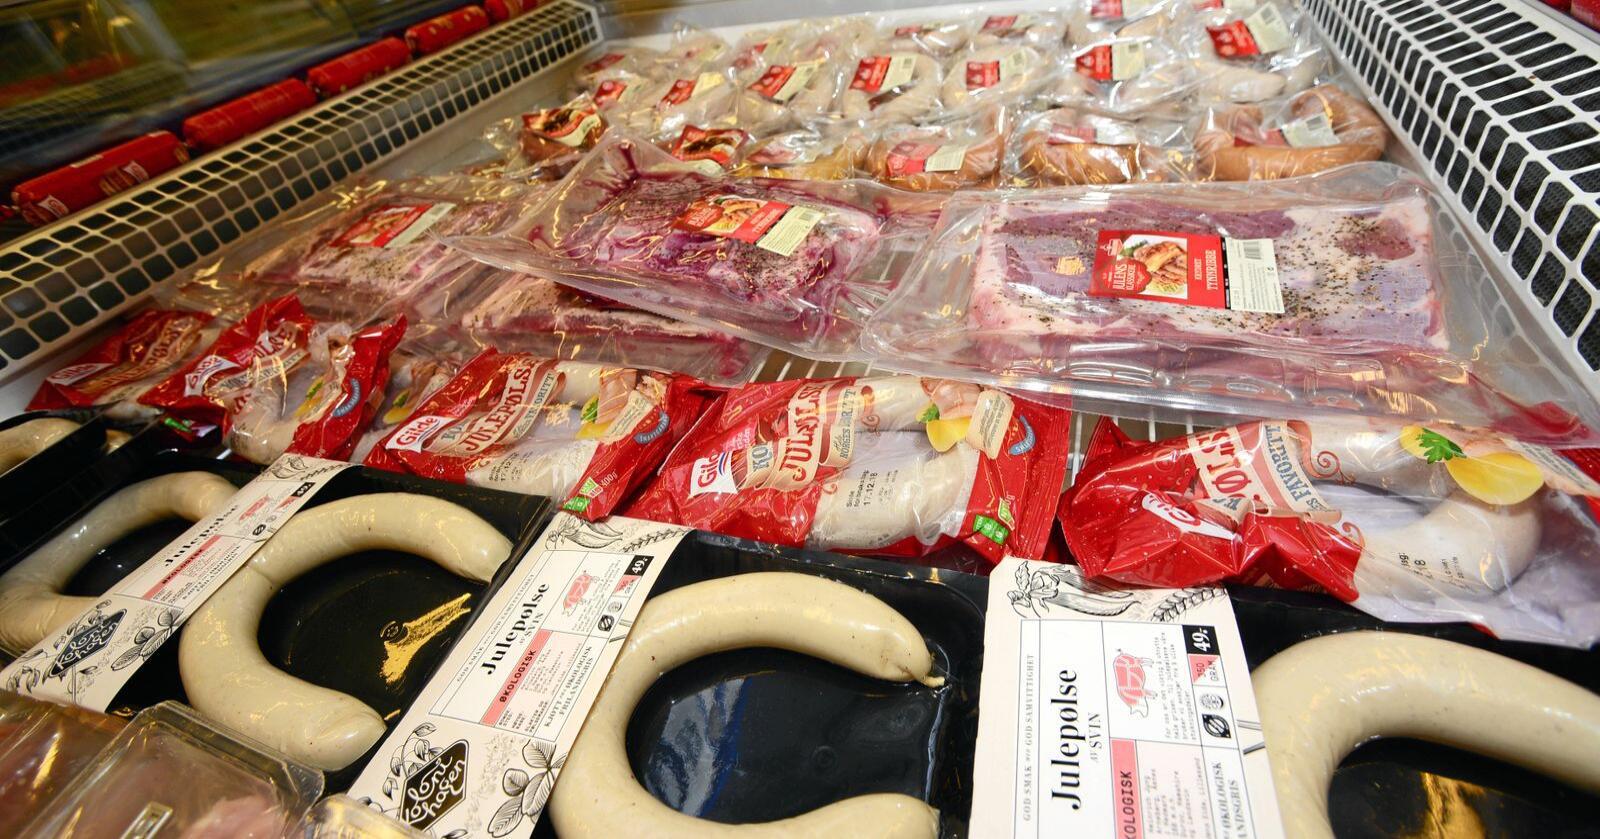 Koteletta, pøls og steik: Tungt og ikkje naudsynt å venje folk av med. Landbruket kuttar klimautslepp likevel, skriv kronikøren. Foto: Siri Juell Rasmussen